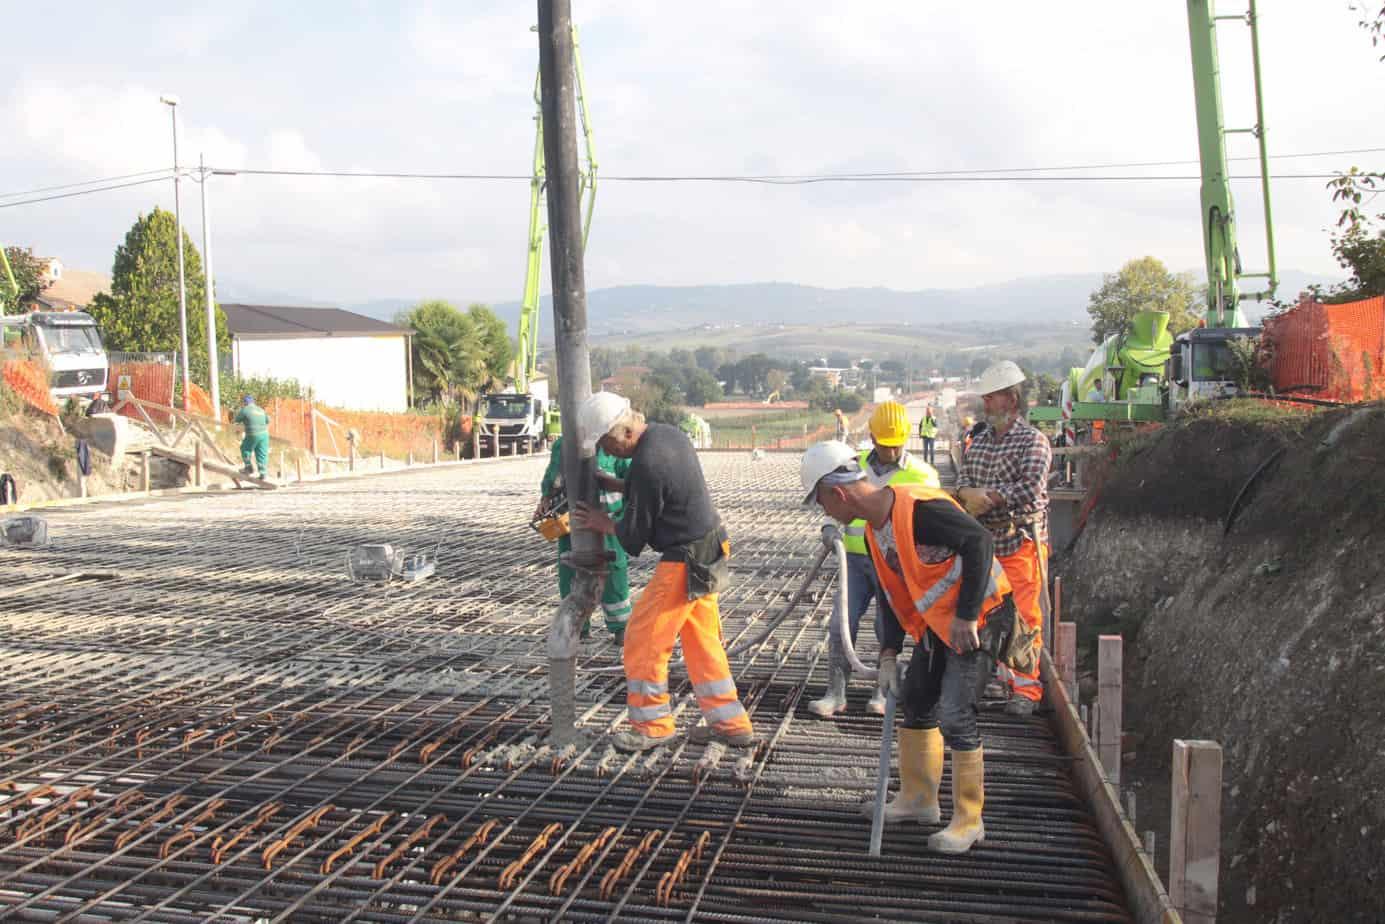 I lavori di costruzione della variante interessano una superficie complessiva di circa 210.000 m2